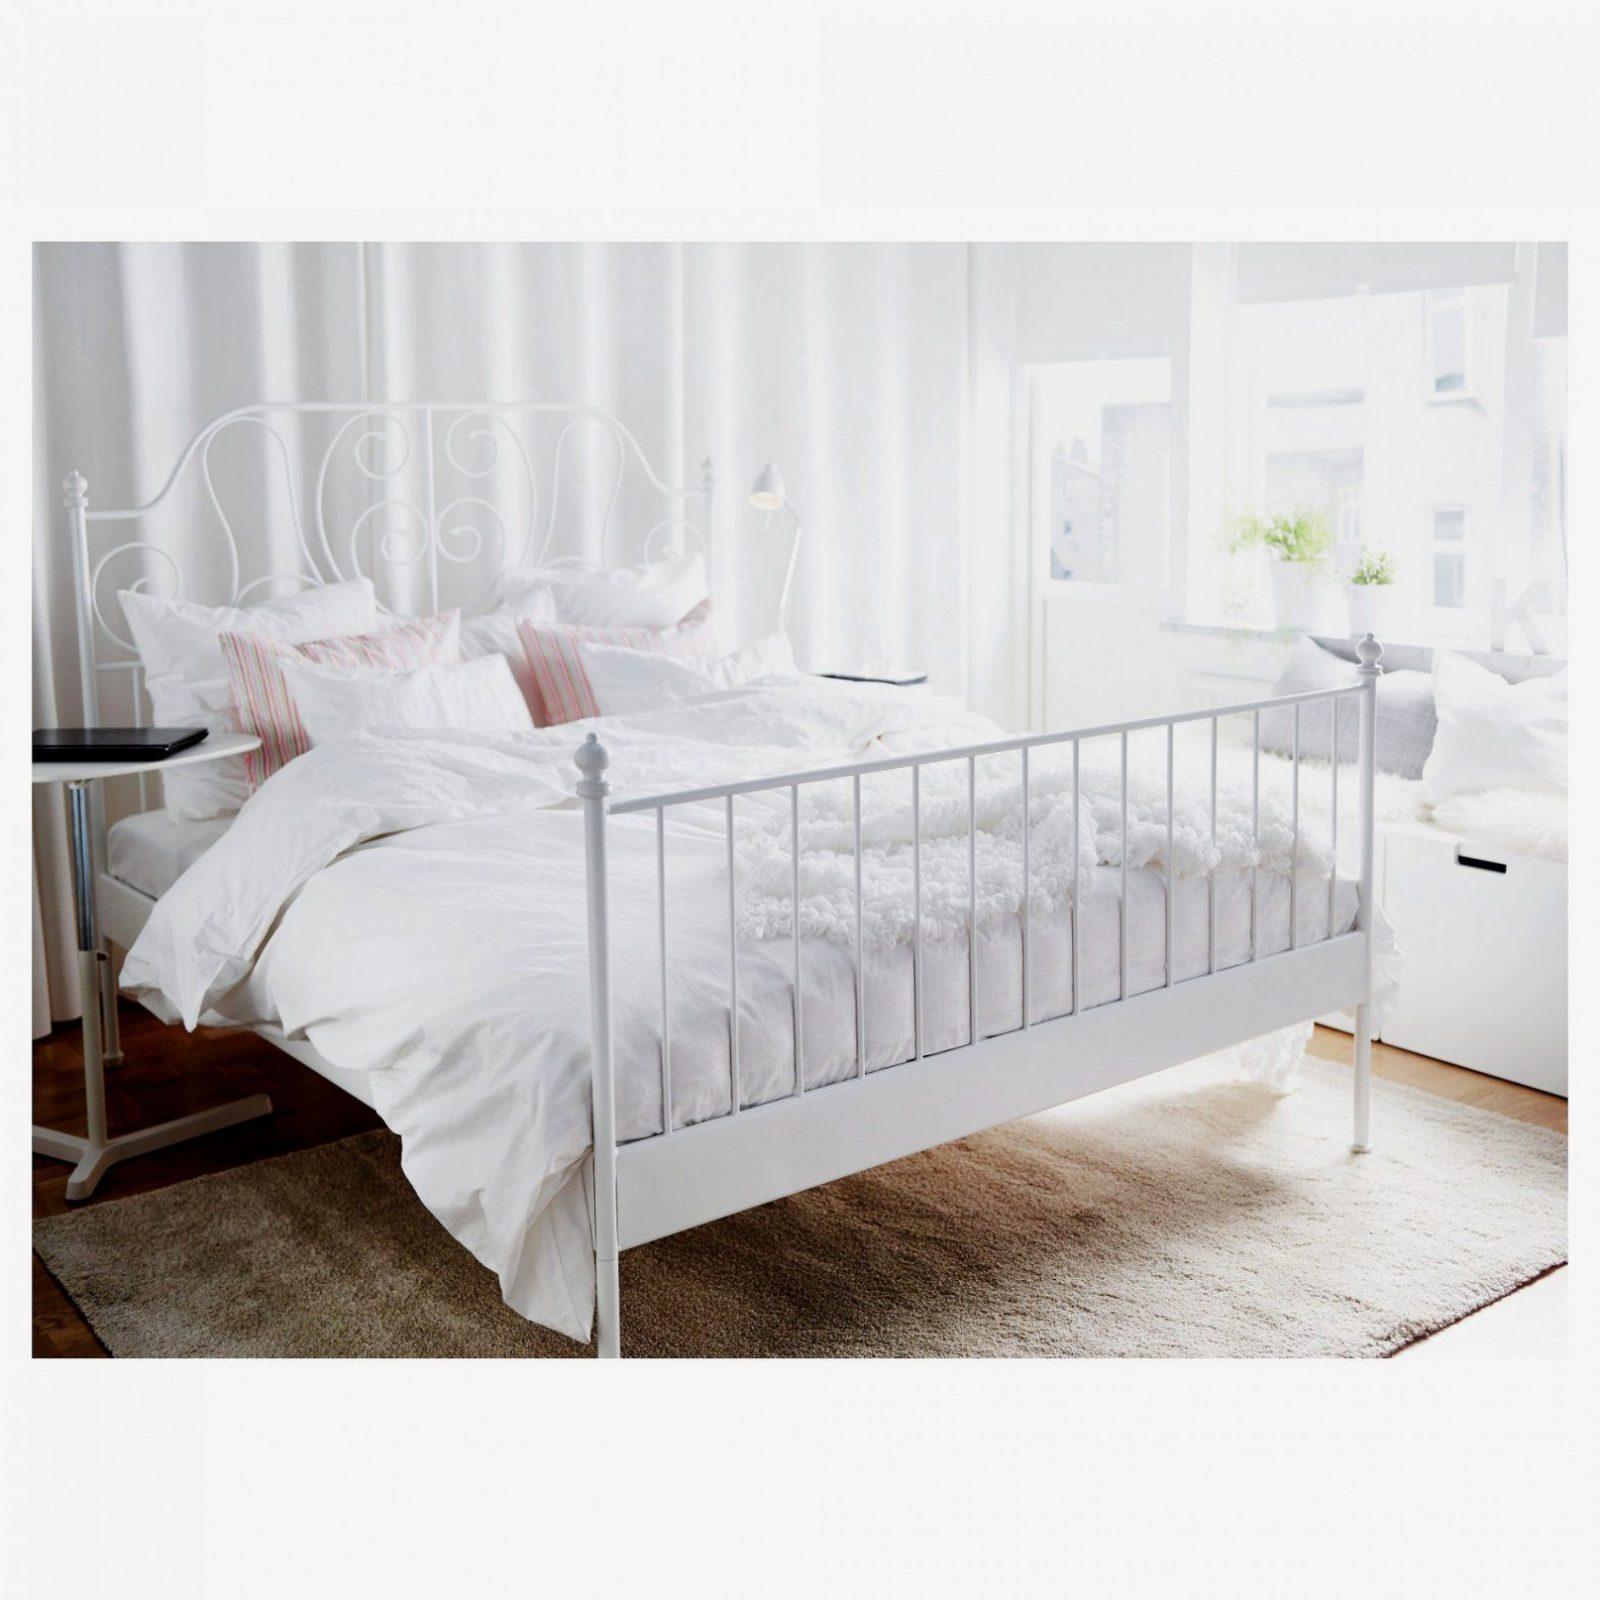 Fabelhaft Enorm 120 Bett Ikea Breite Bettbreite 240 130 Cm Haus von Bett 120 Cm Breit Ikea Photo